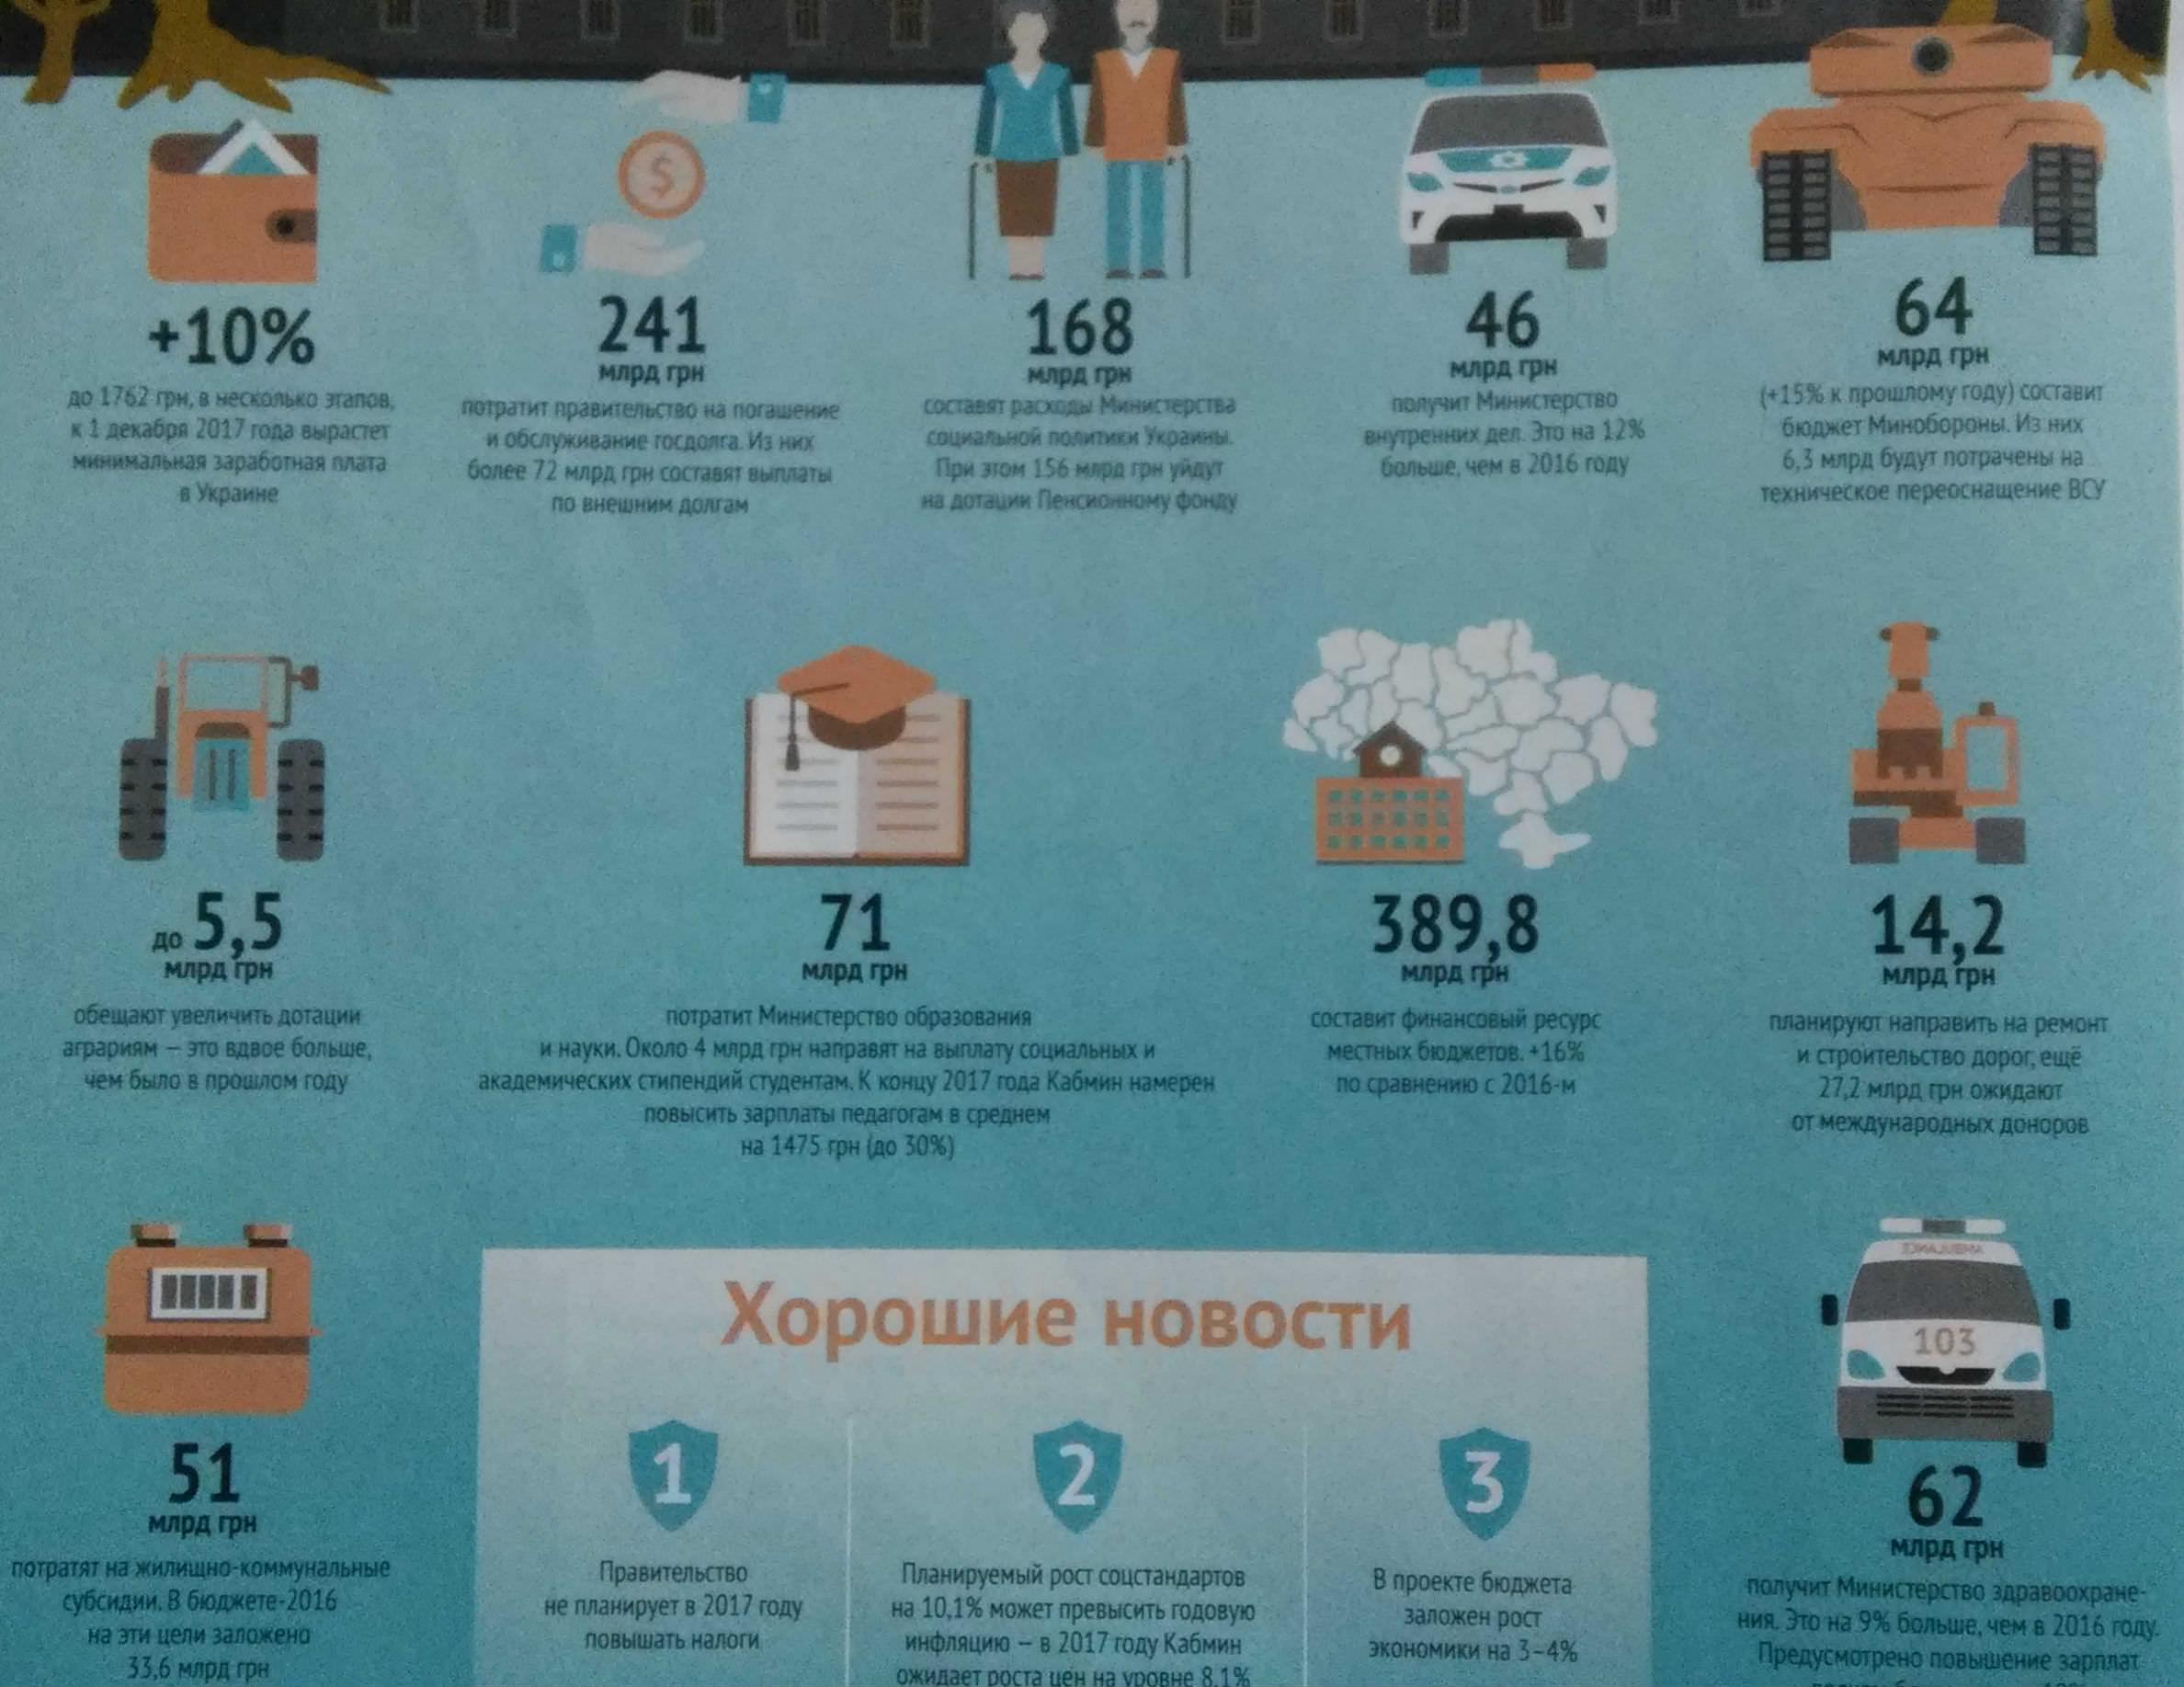 бюджет украины на 2017 год - инфографика